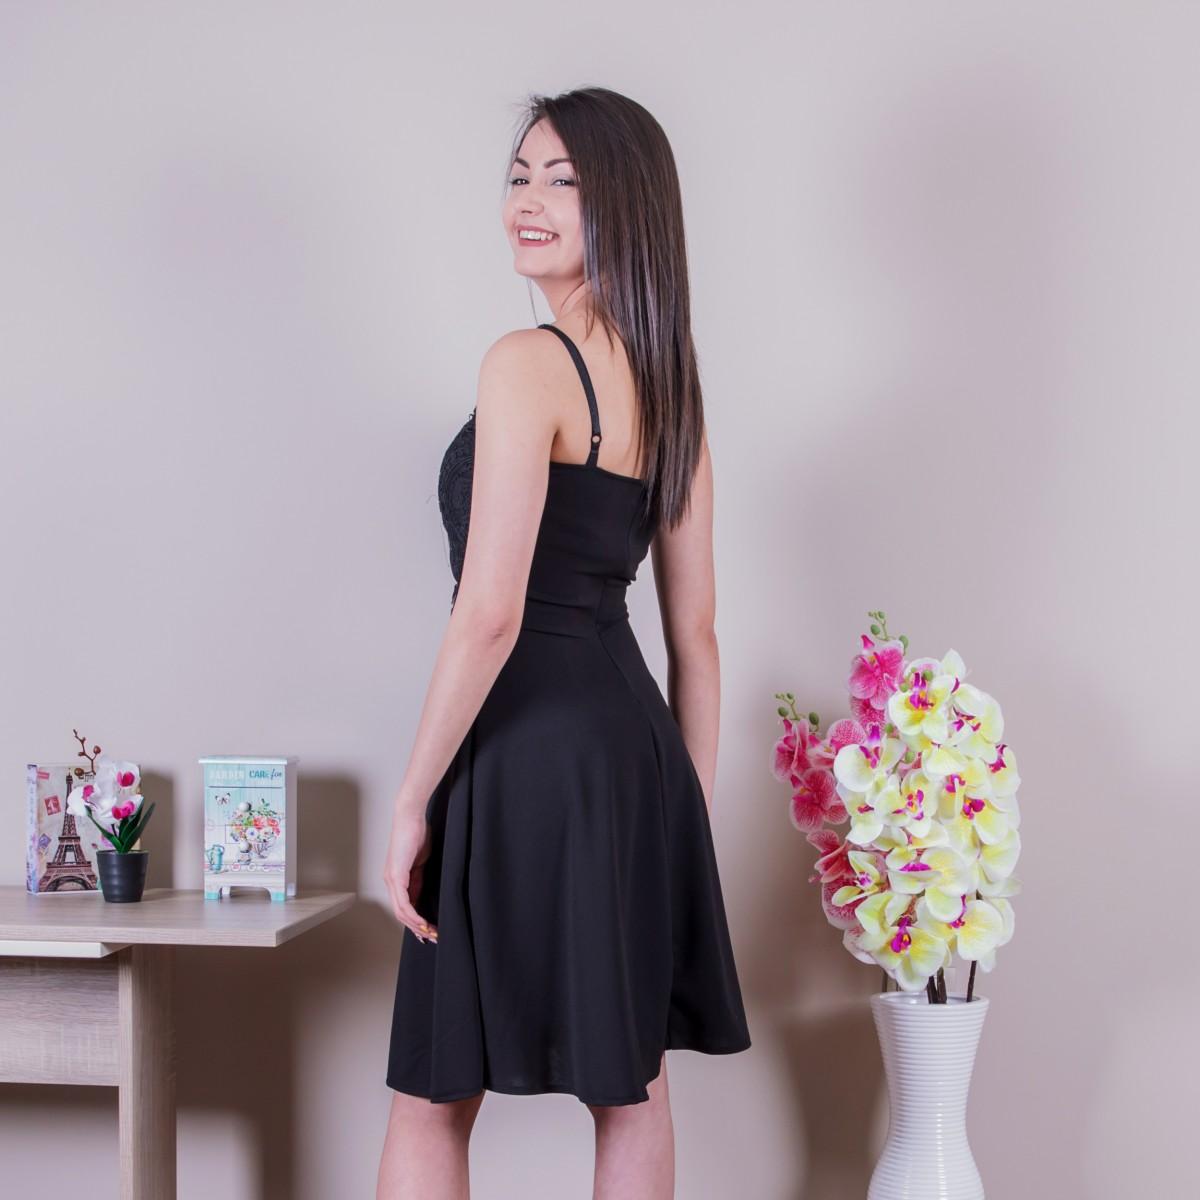 Нежна дамска рокля в черно с дантела Снимка 2 от 2